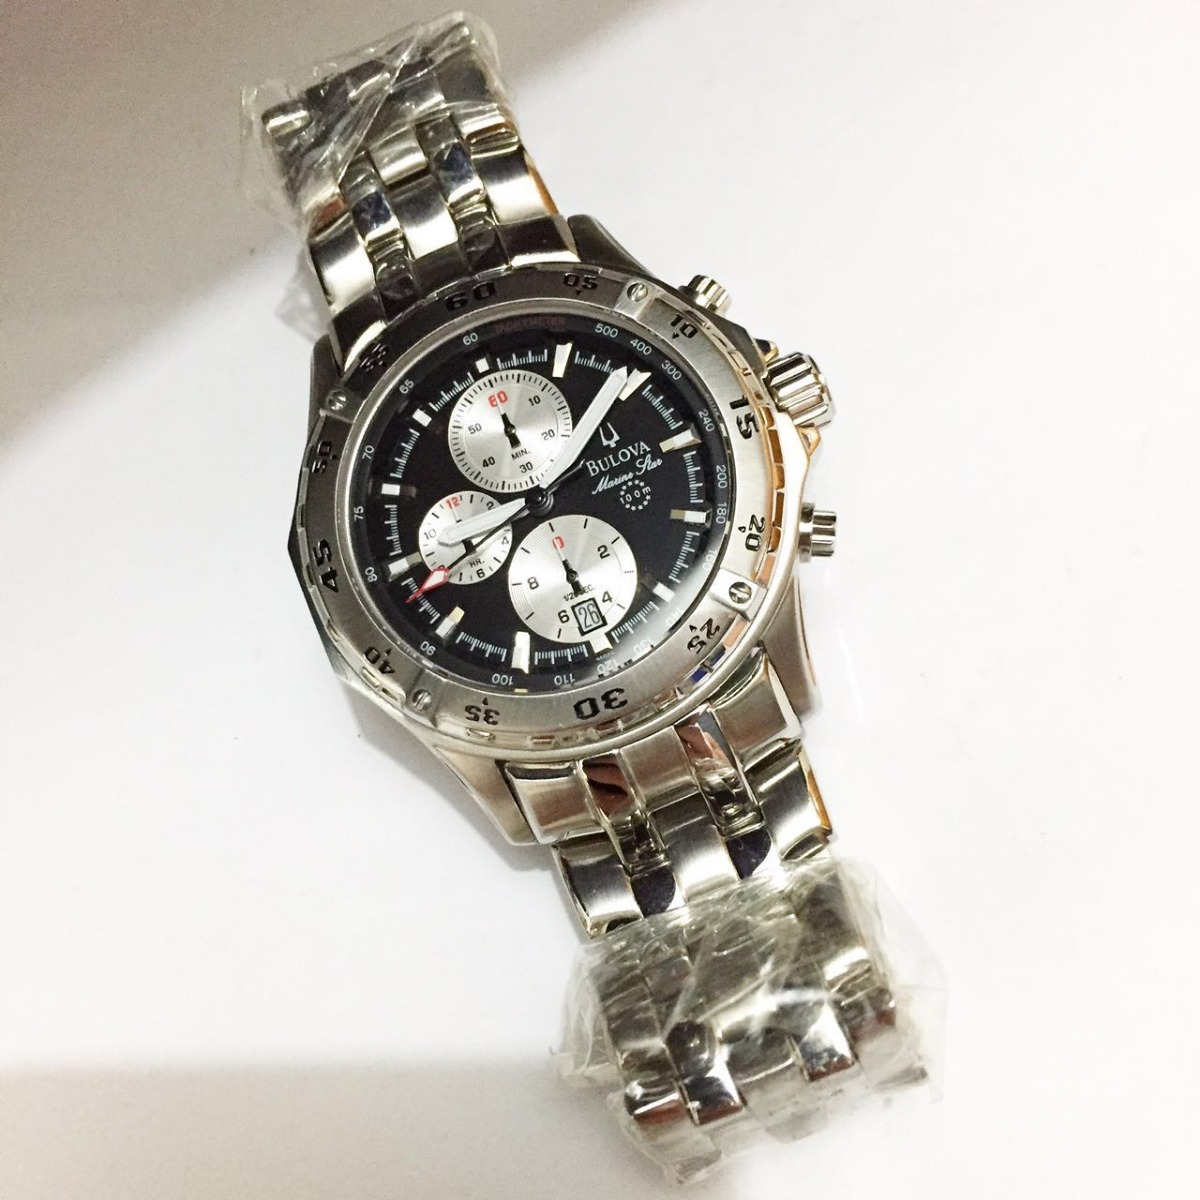 511a14212ff relógio blova chronograph prata fundo preto e branco aço. Carregando zoom.